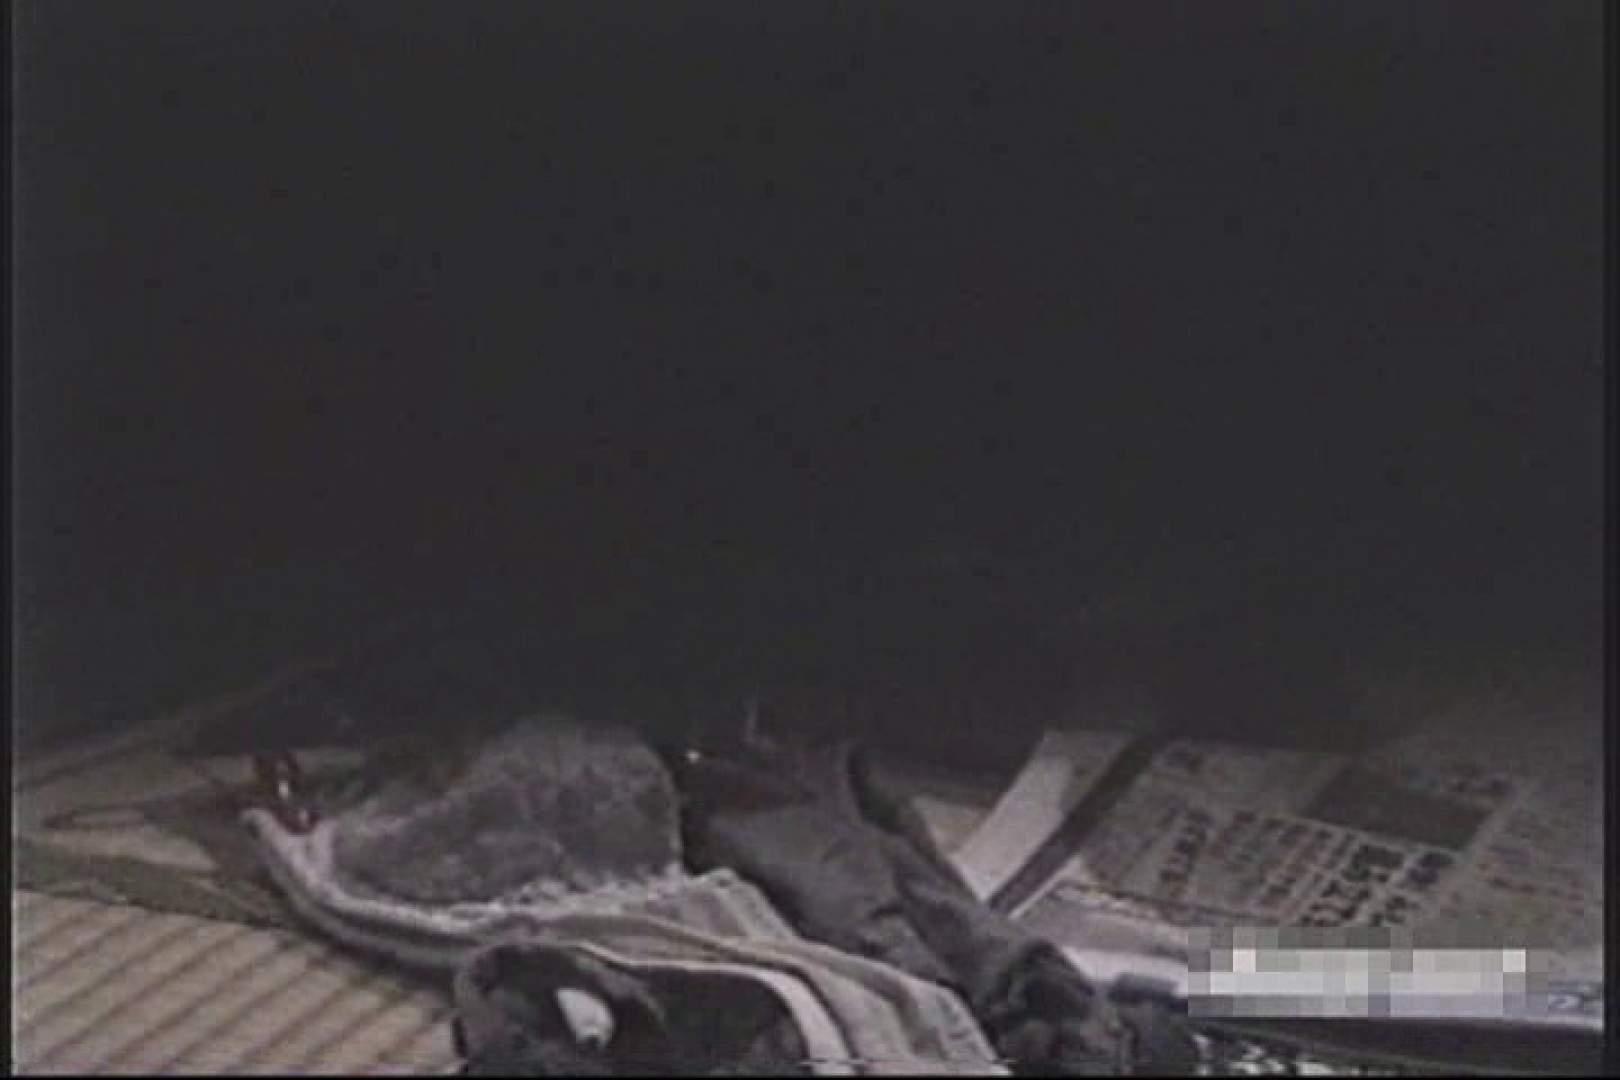 プライベートピーピング 欲求不満な女達Vol.6 女子寮 隠し撮りオマンコ動画紹介 74連発 11